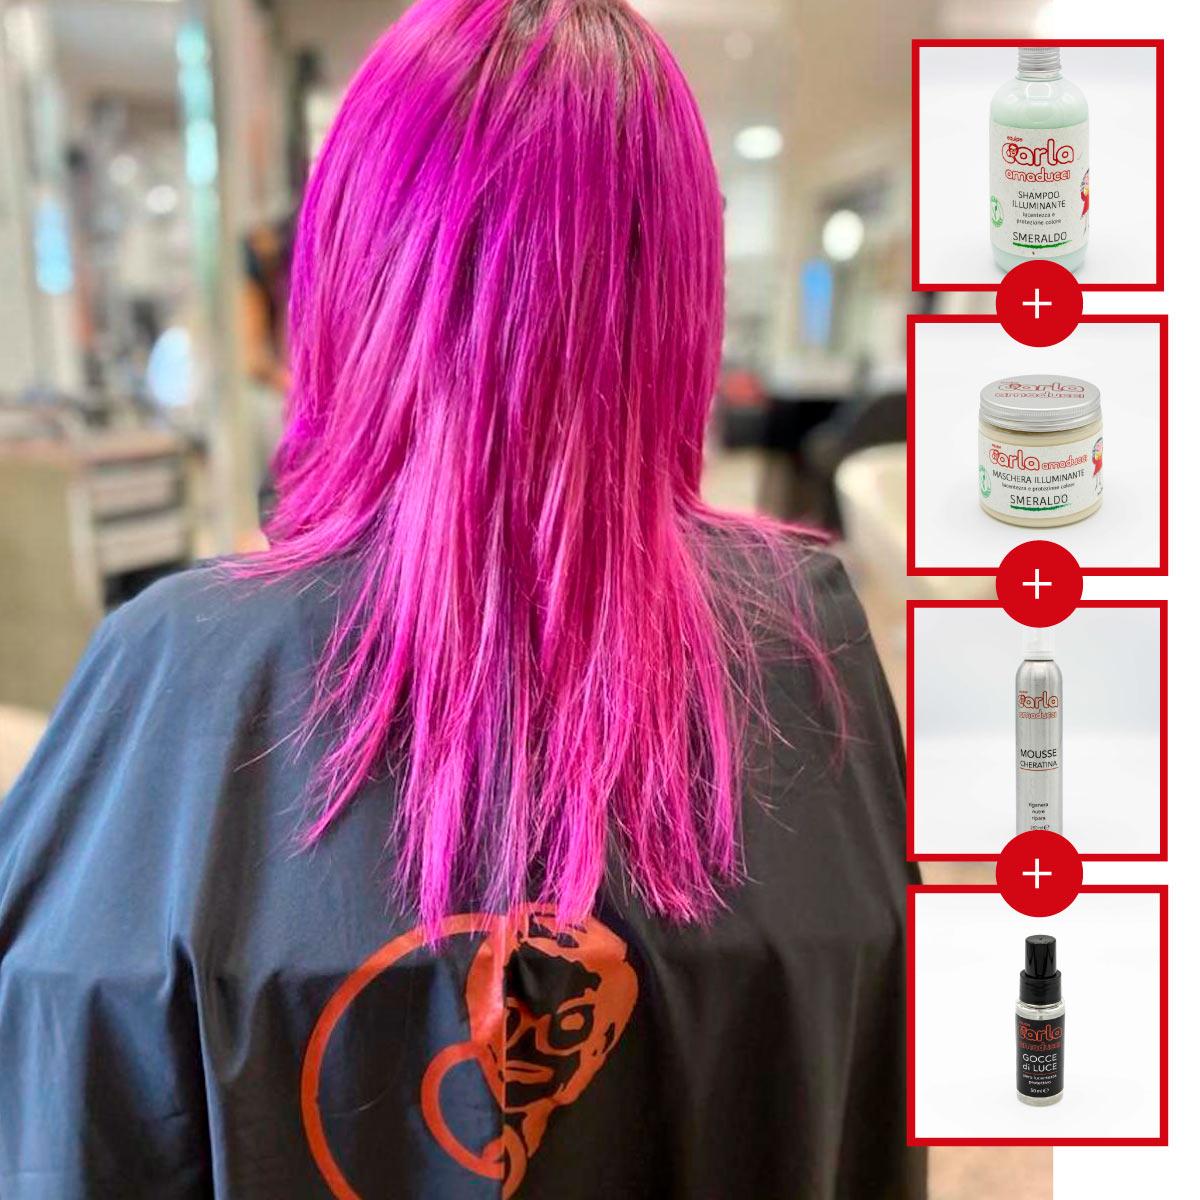 capellicolorati   Linea Carla Amaducci